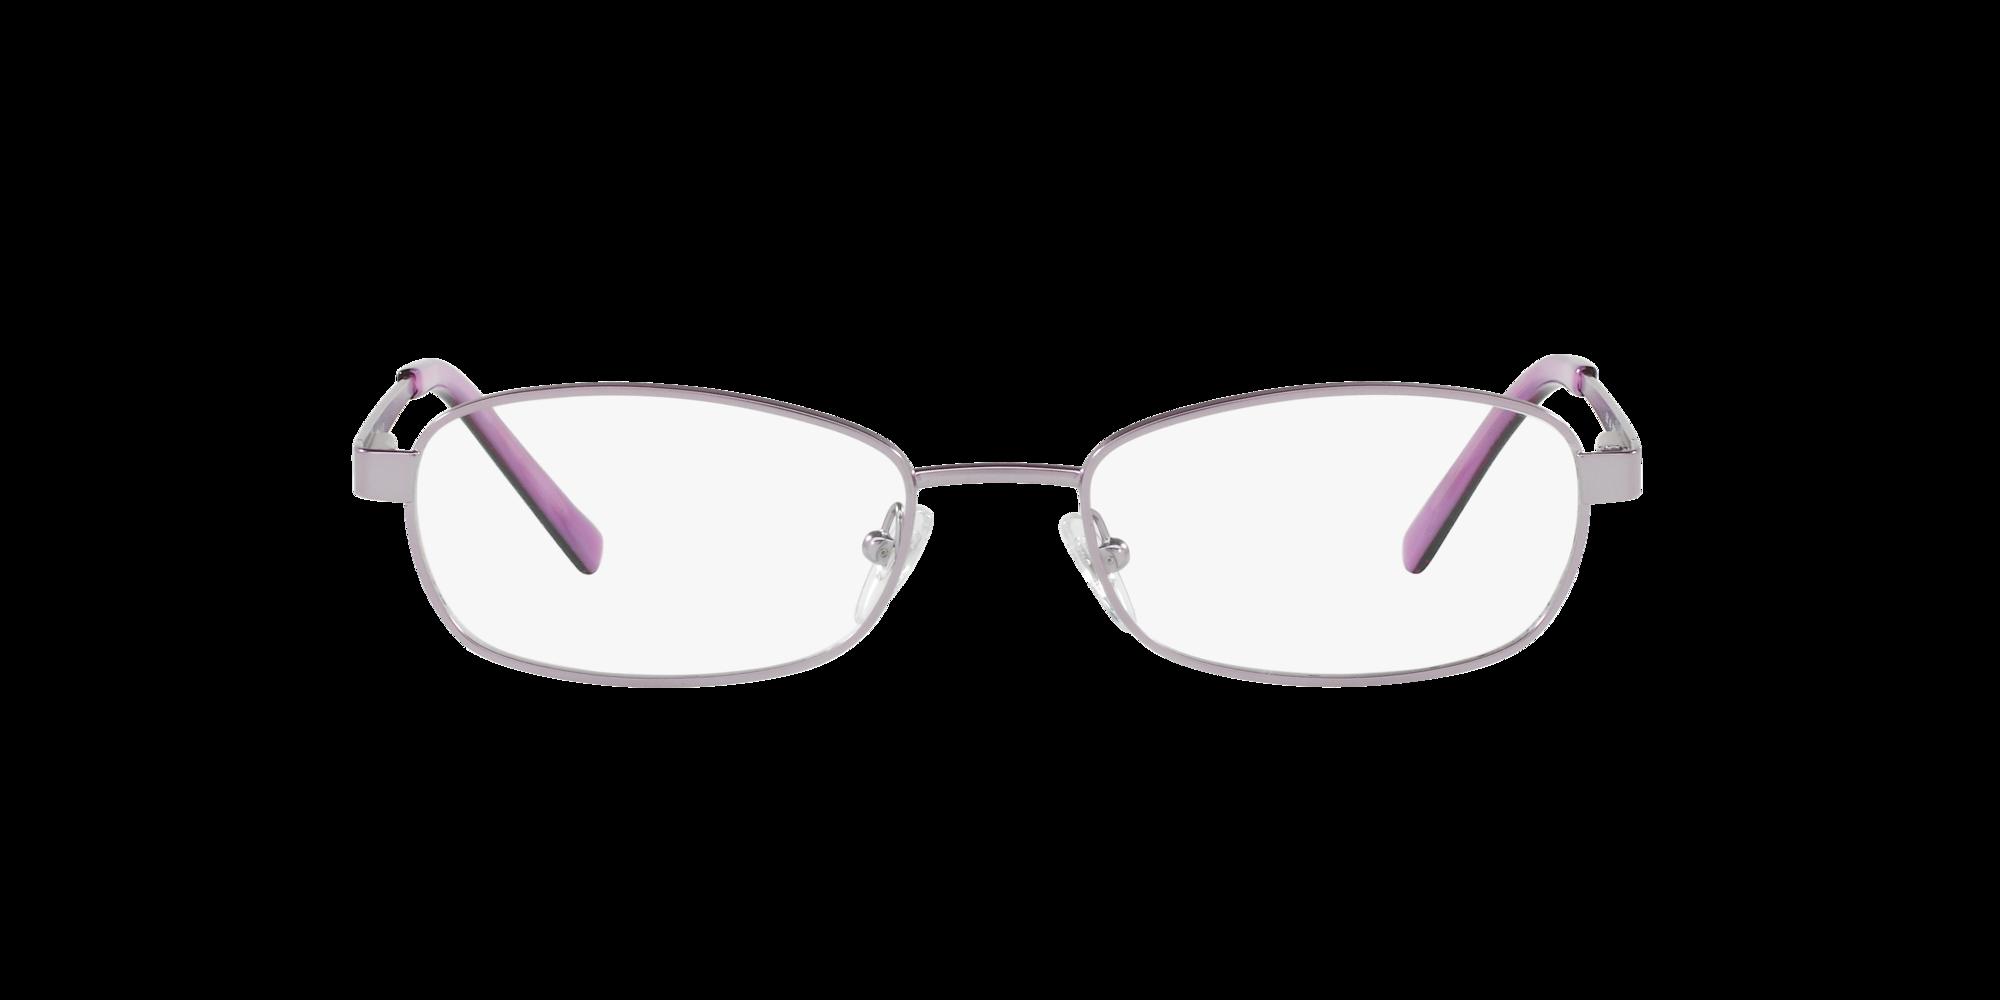 Imagen para SF2591 de LensCrafters |  Espejuelos, espejuelos graduados en línea, gafas